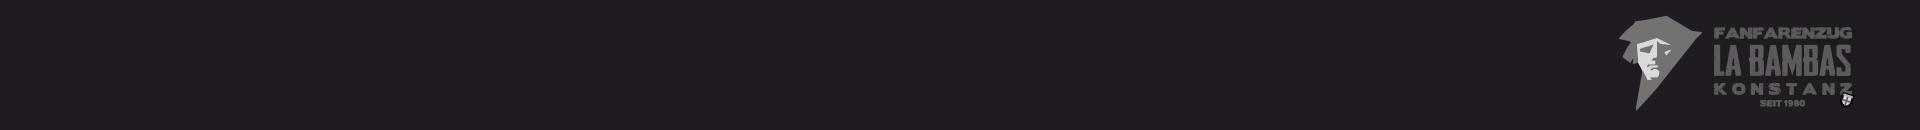 Kleiner Header Schwarz Grau